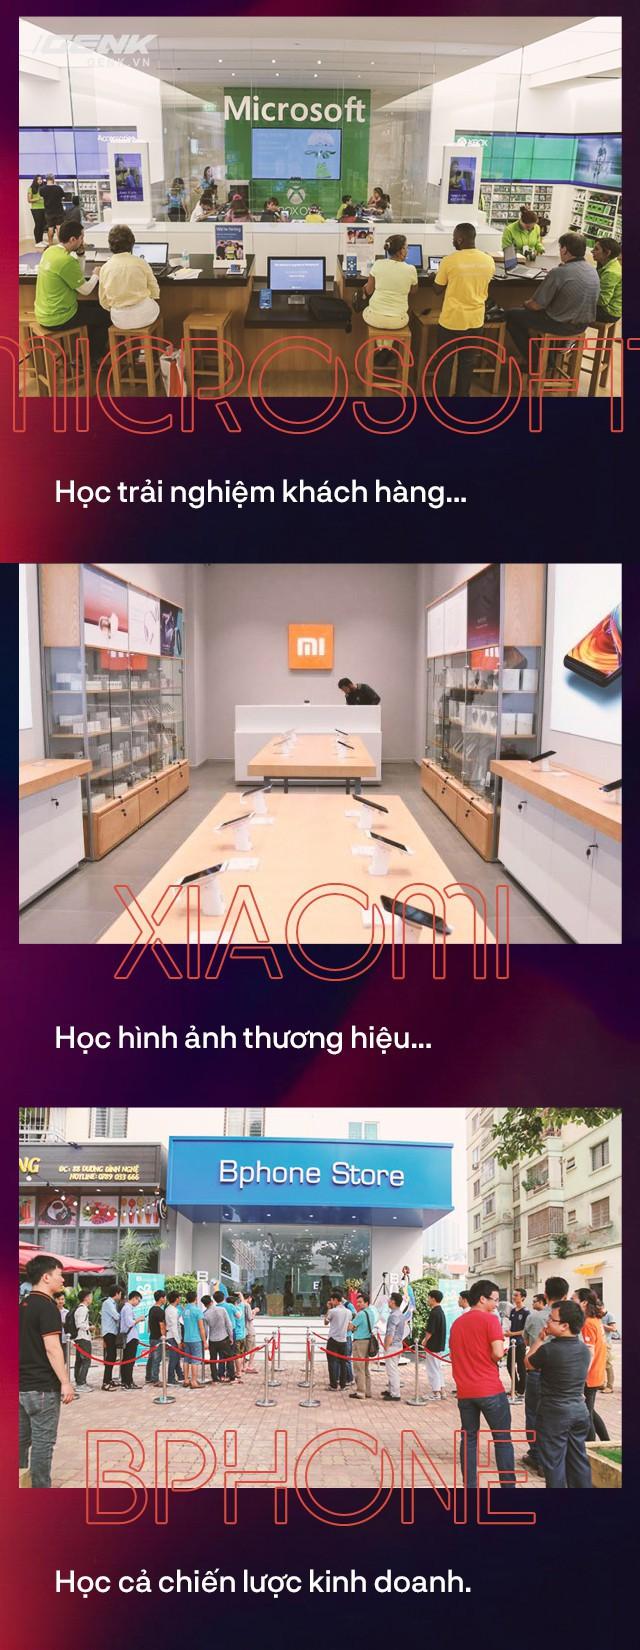 """apple - photo 5 1569461738958703639832 - Bài học để đời: Apple Store có gì """"thần thánh"""" mà hãng nào cũng học hỏi kể cả Microsoft, Samsung, Xiaomi lẫn… Bphone?"""